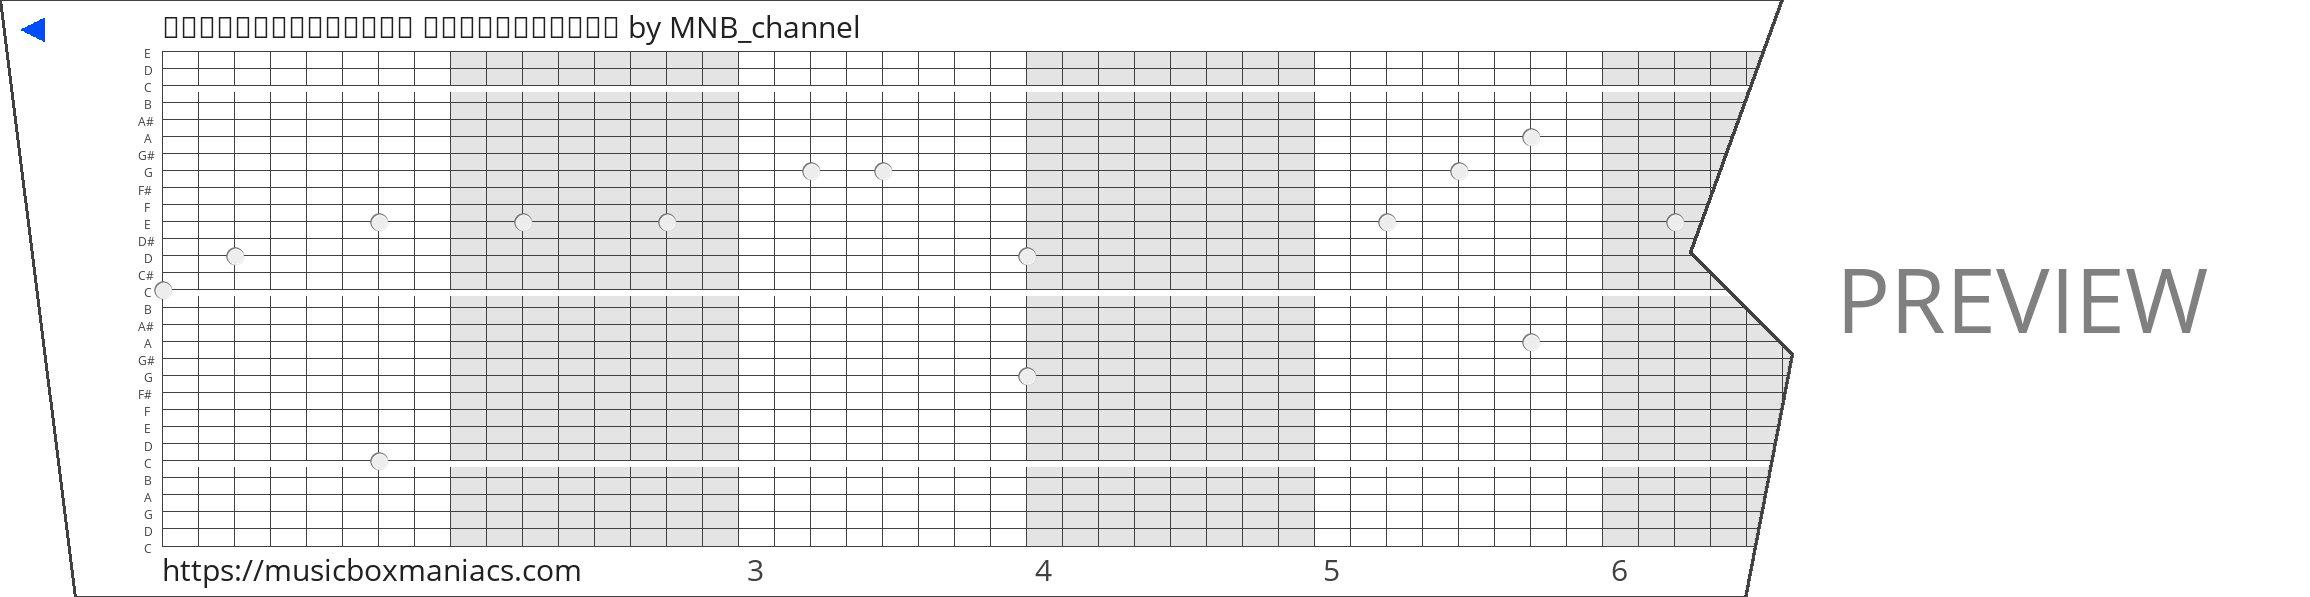 เพลงดูแลด้วยใจ กรมการแพทย์ 30 note music box paper strip